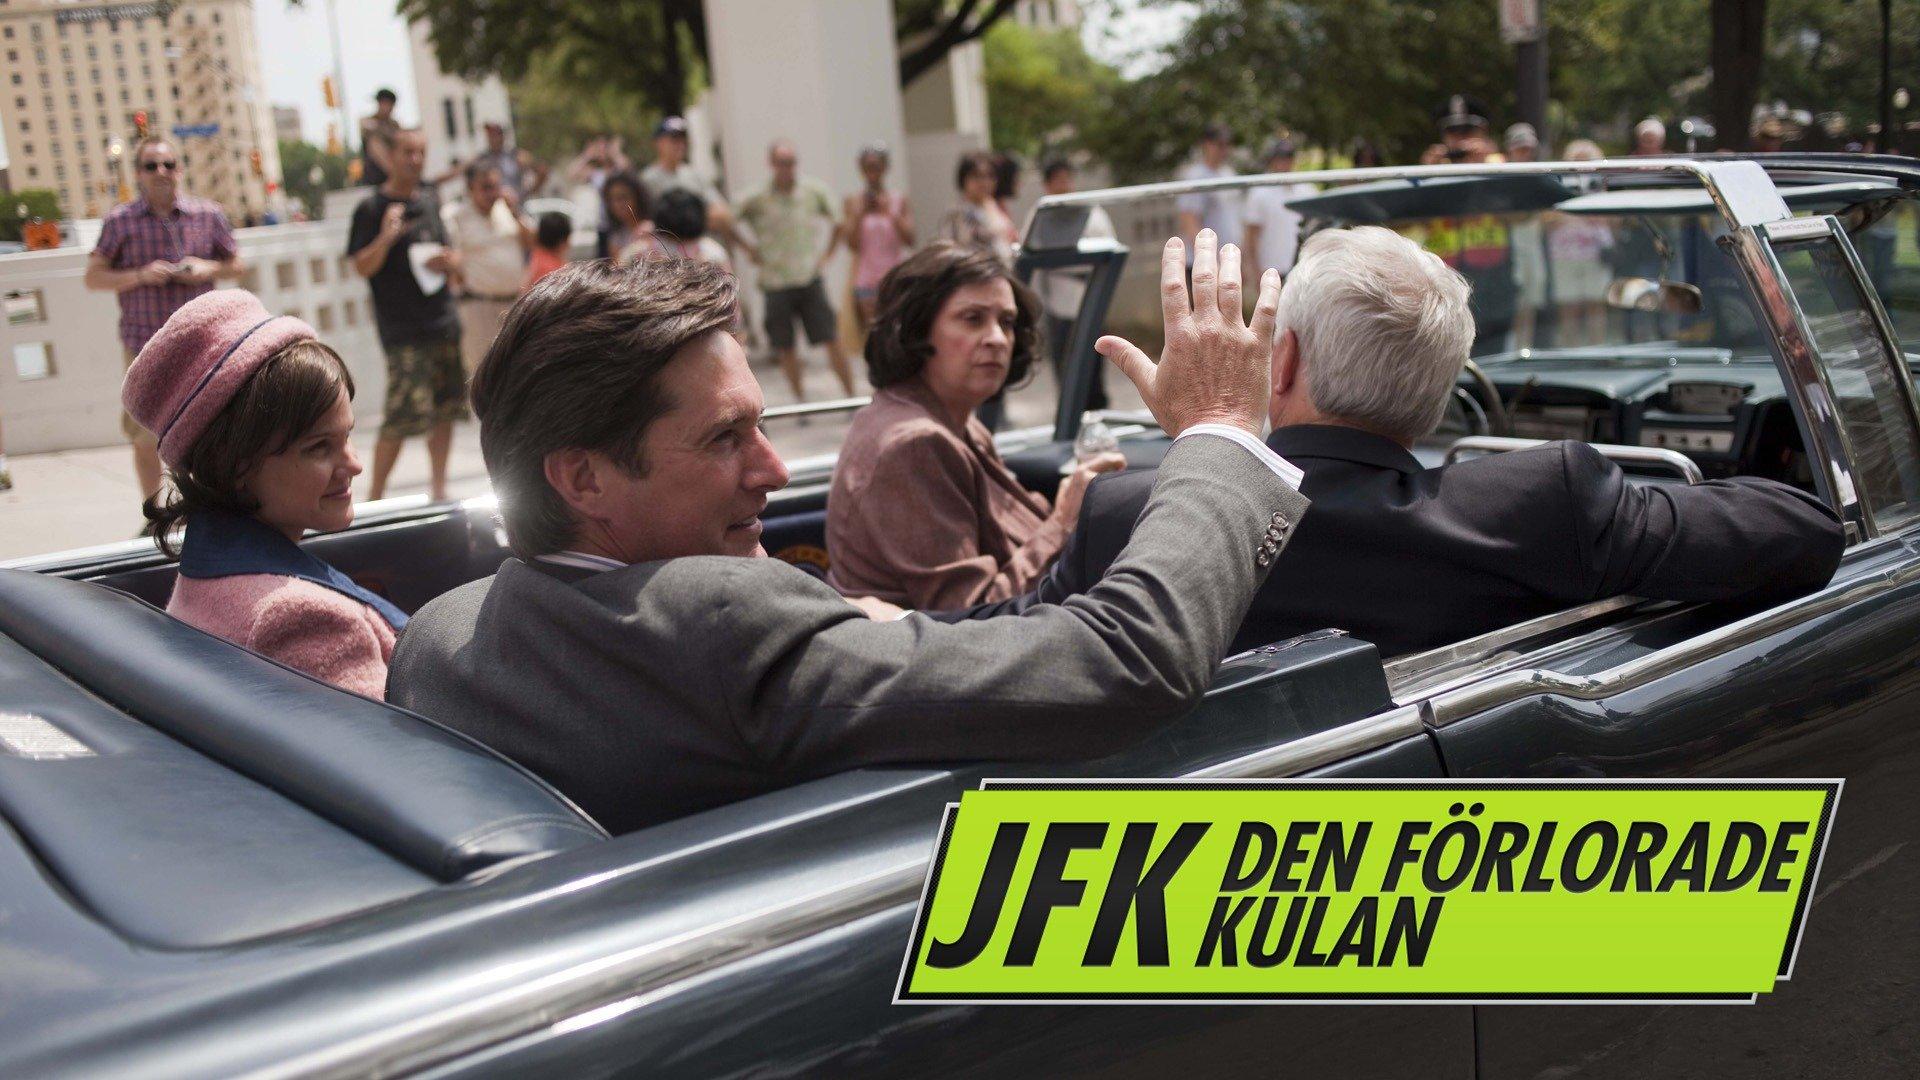 JFK: Den förlorade kulan